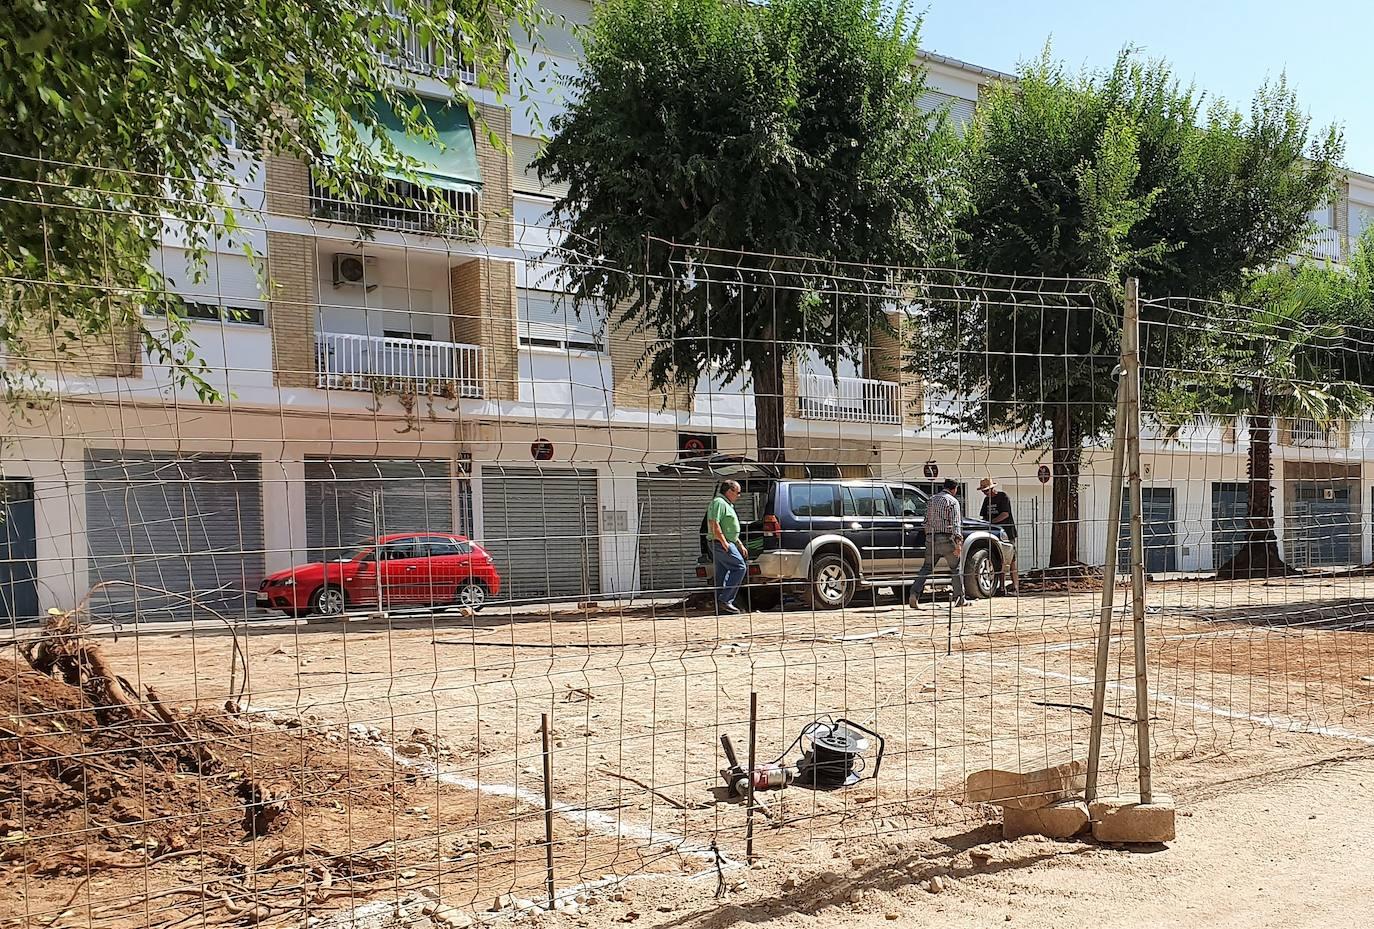 La Concejalía de Medio Ambiente diseña inversiones voluminosas en los jardines «para convertirlos en más vistosos»